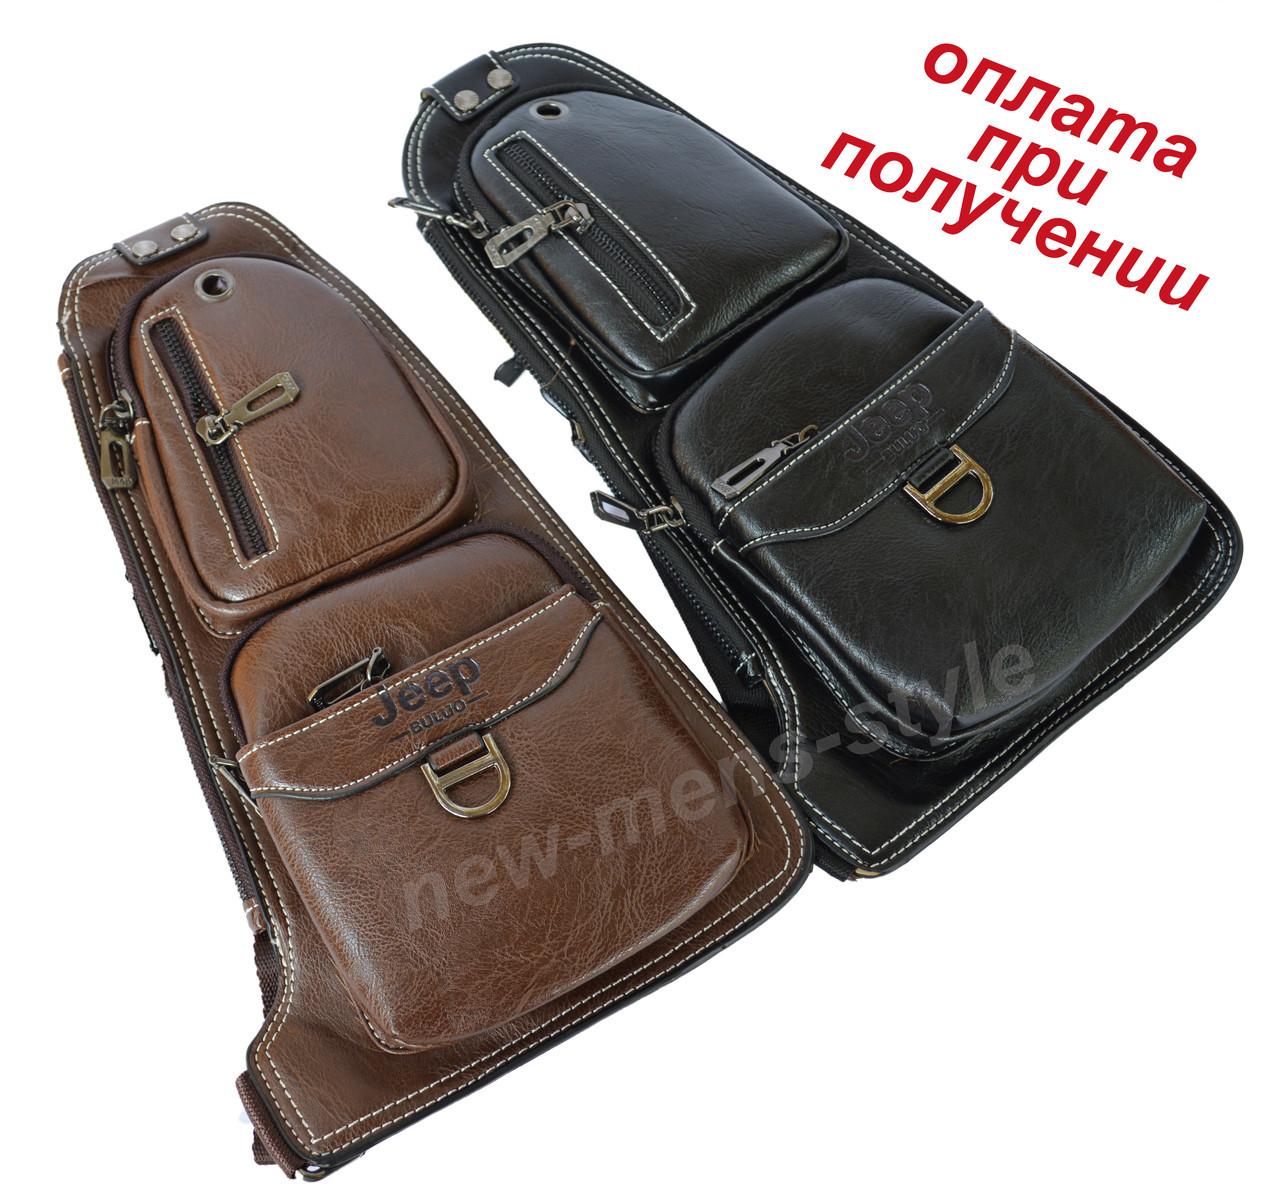 666d746592b5 Мужская спортивная кожаная сумка слинг рюкзак бананка кобура Jeep - На  Стиле в Бердянске